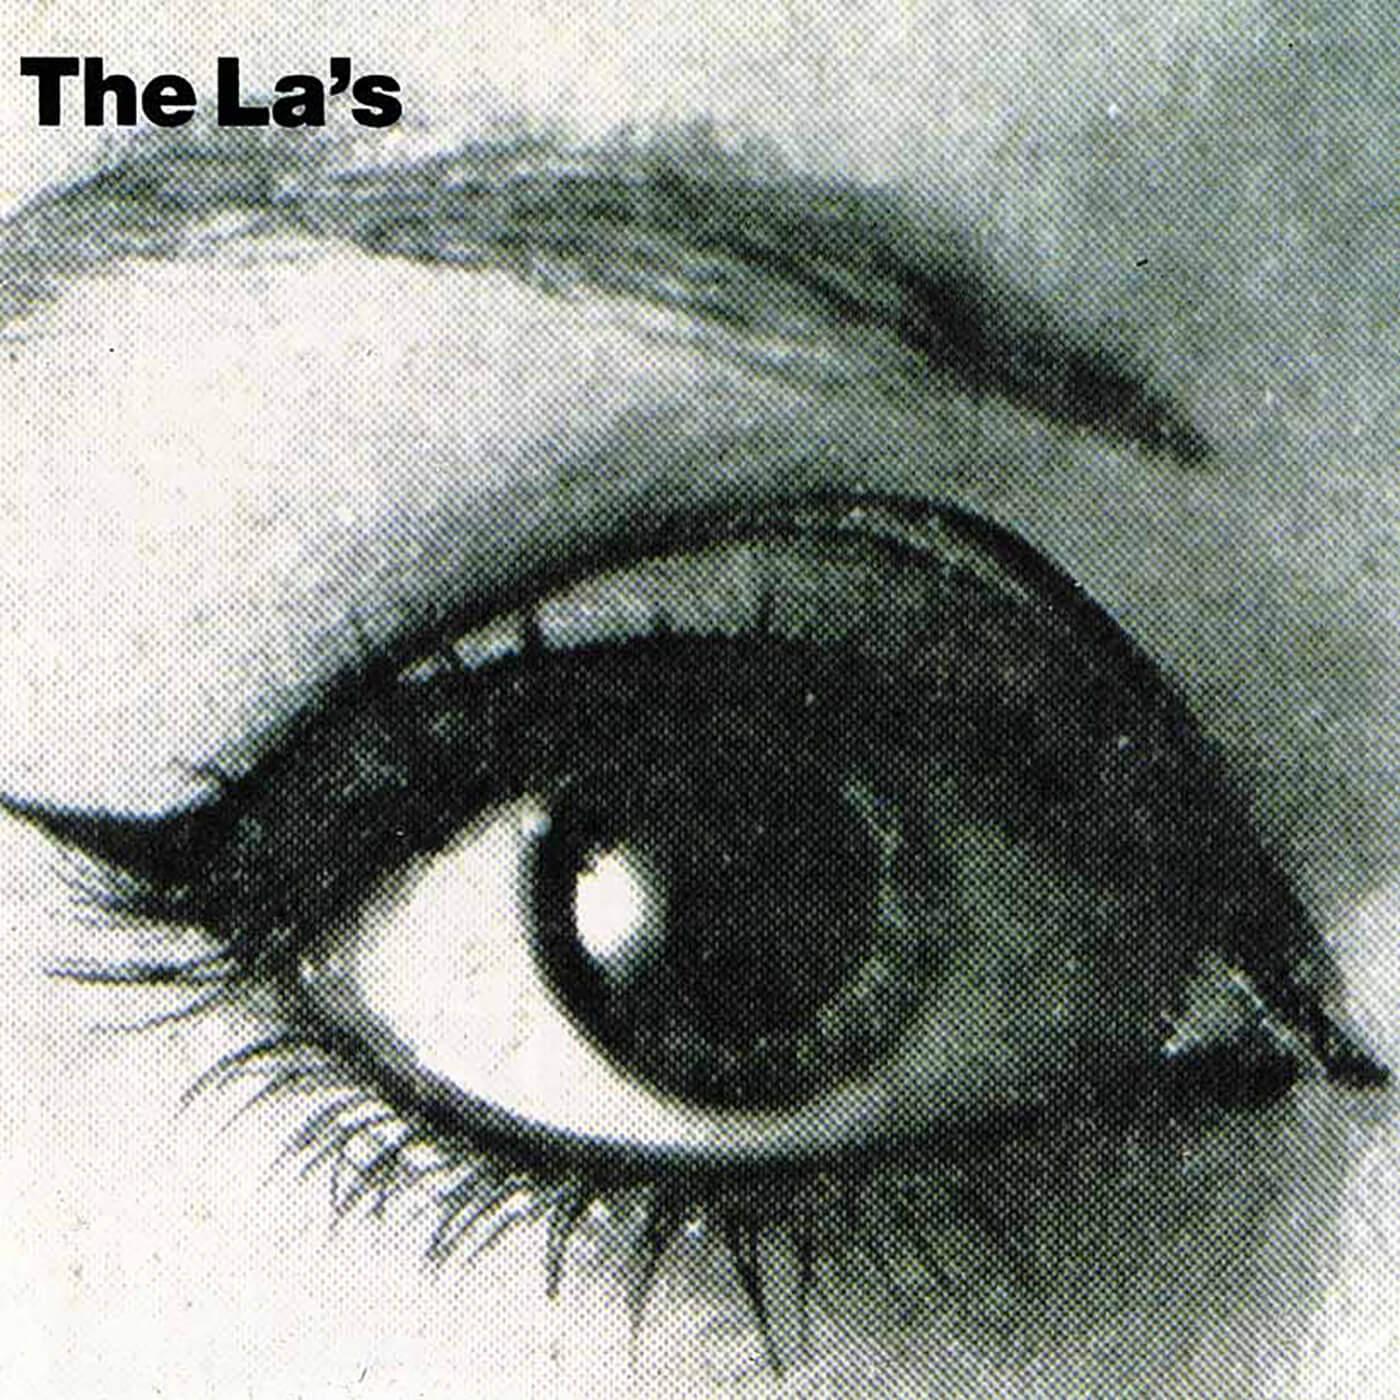 The La's Self-Titled Album